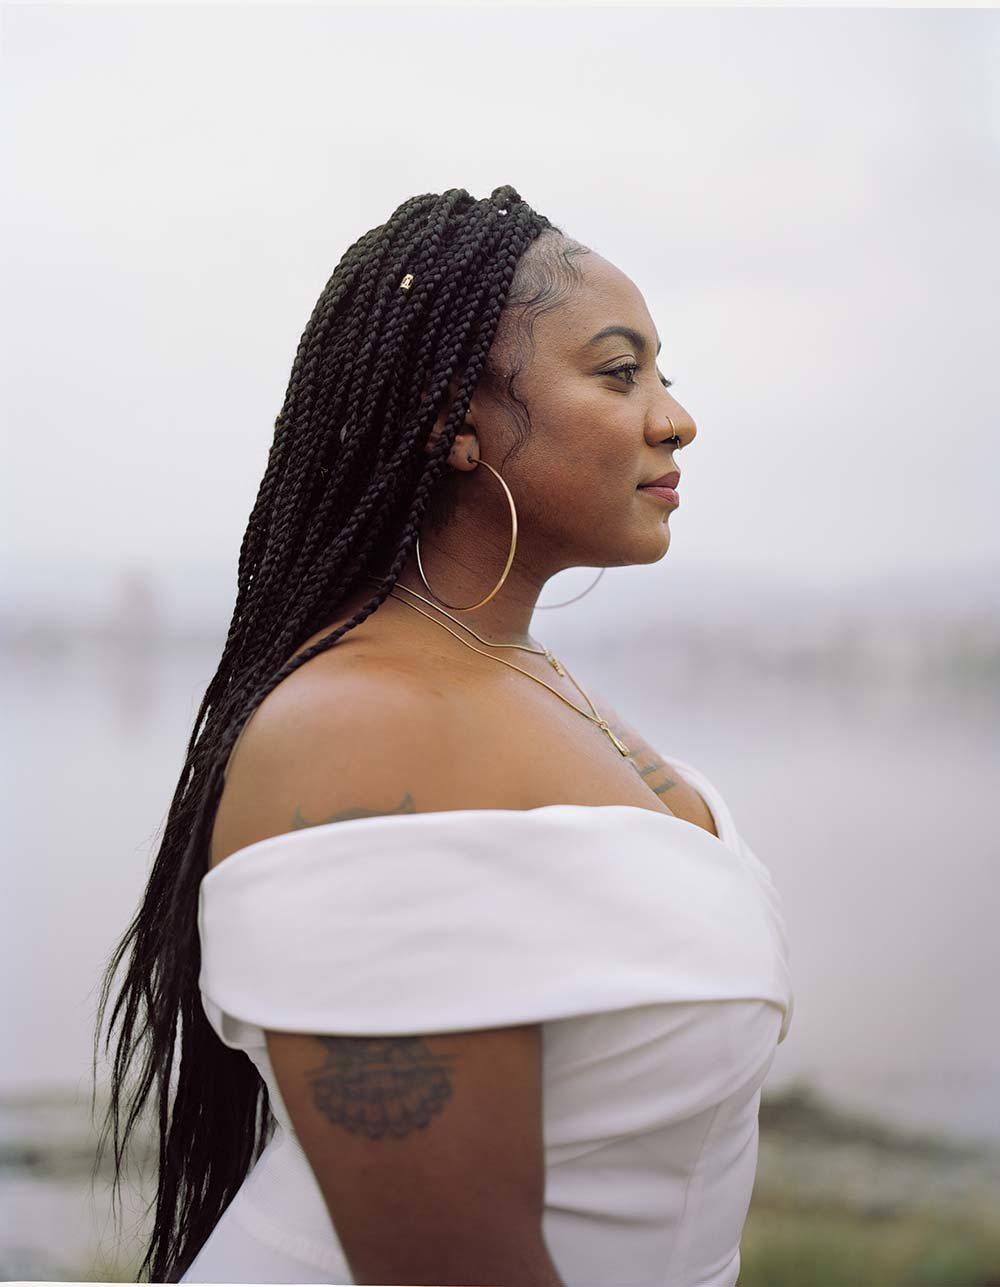 「我能够忽略别人对我说「不」的回答。」 艾莉西亚.加尔萨「#黑人的命也是命」的共...